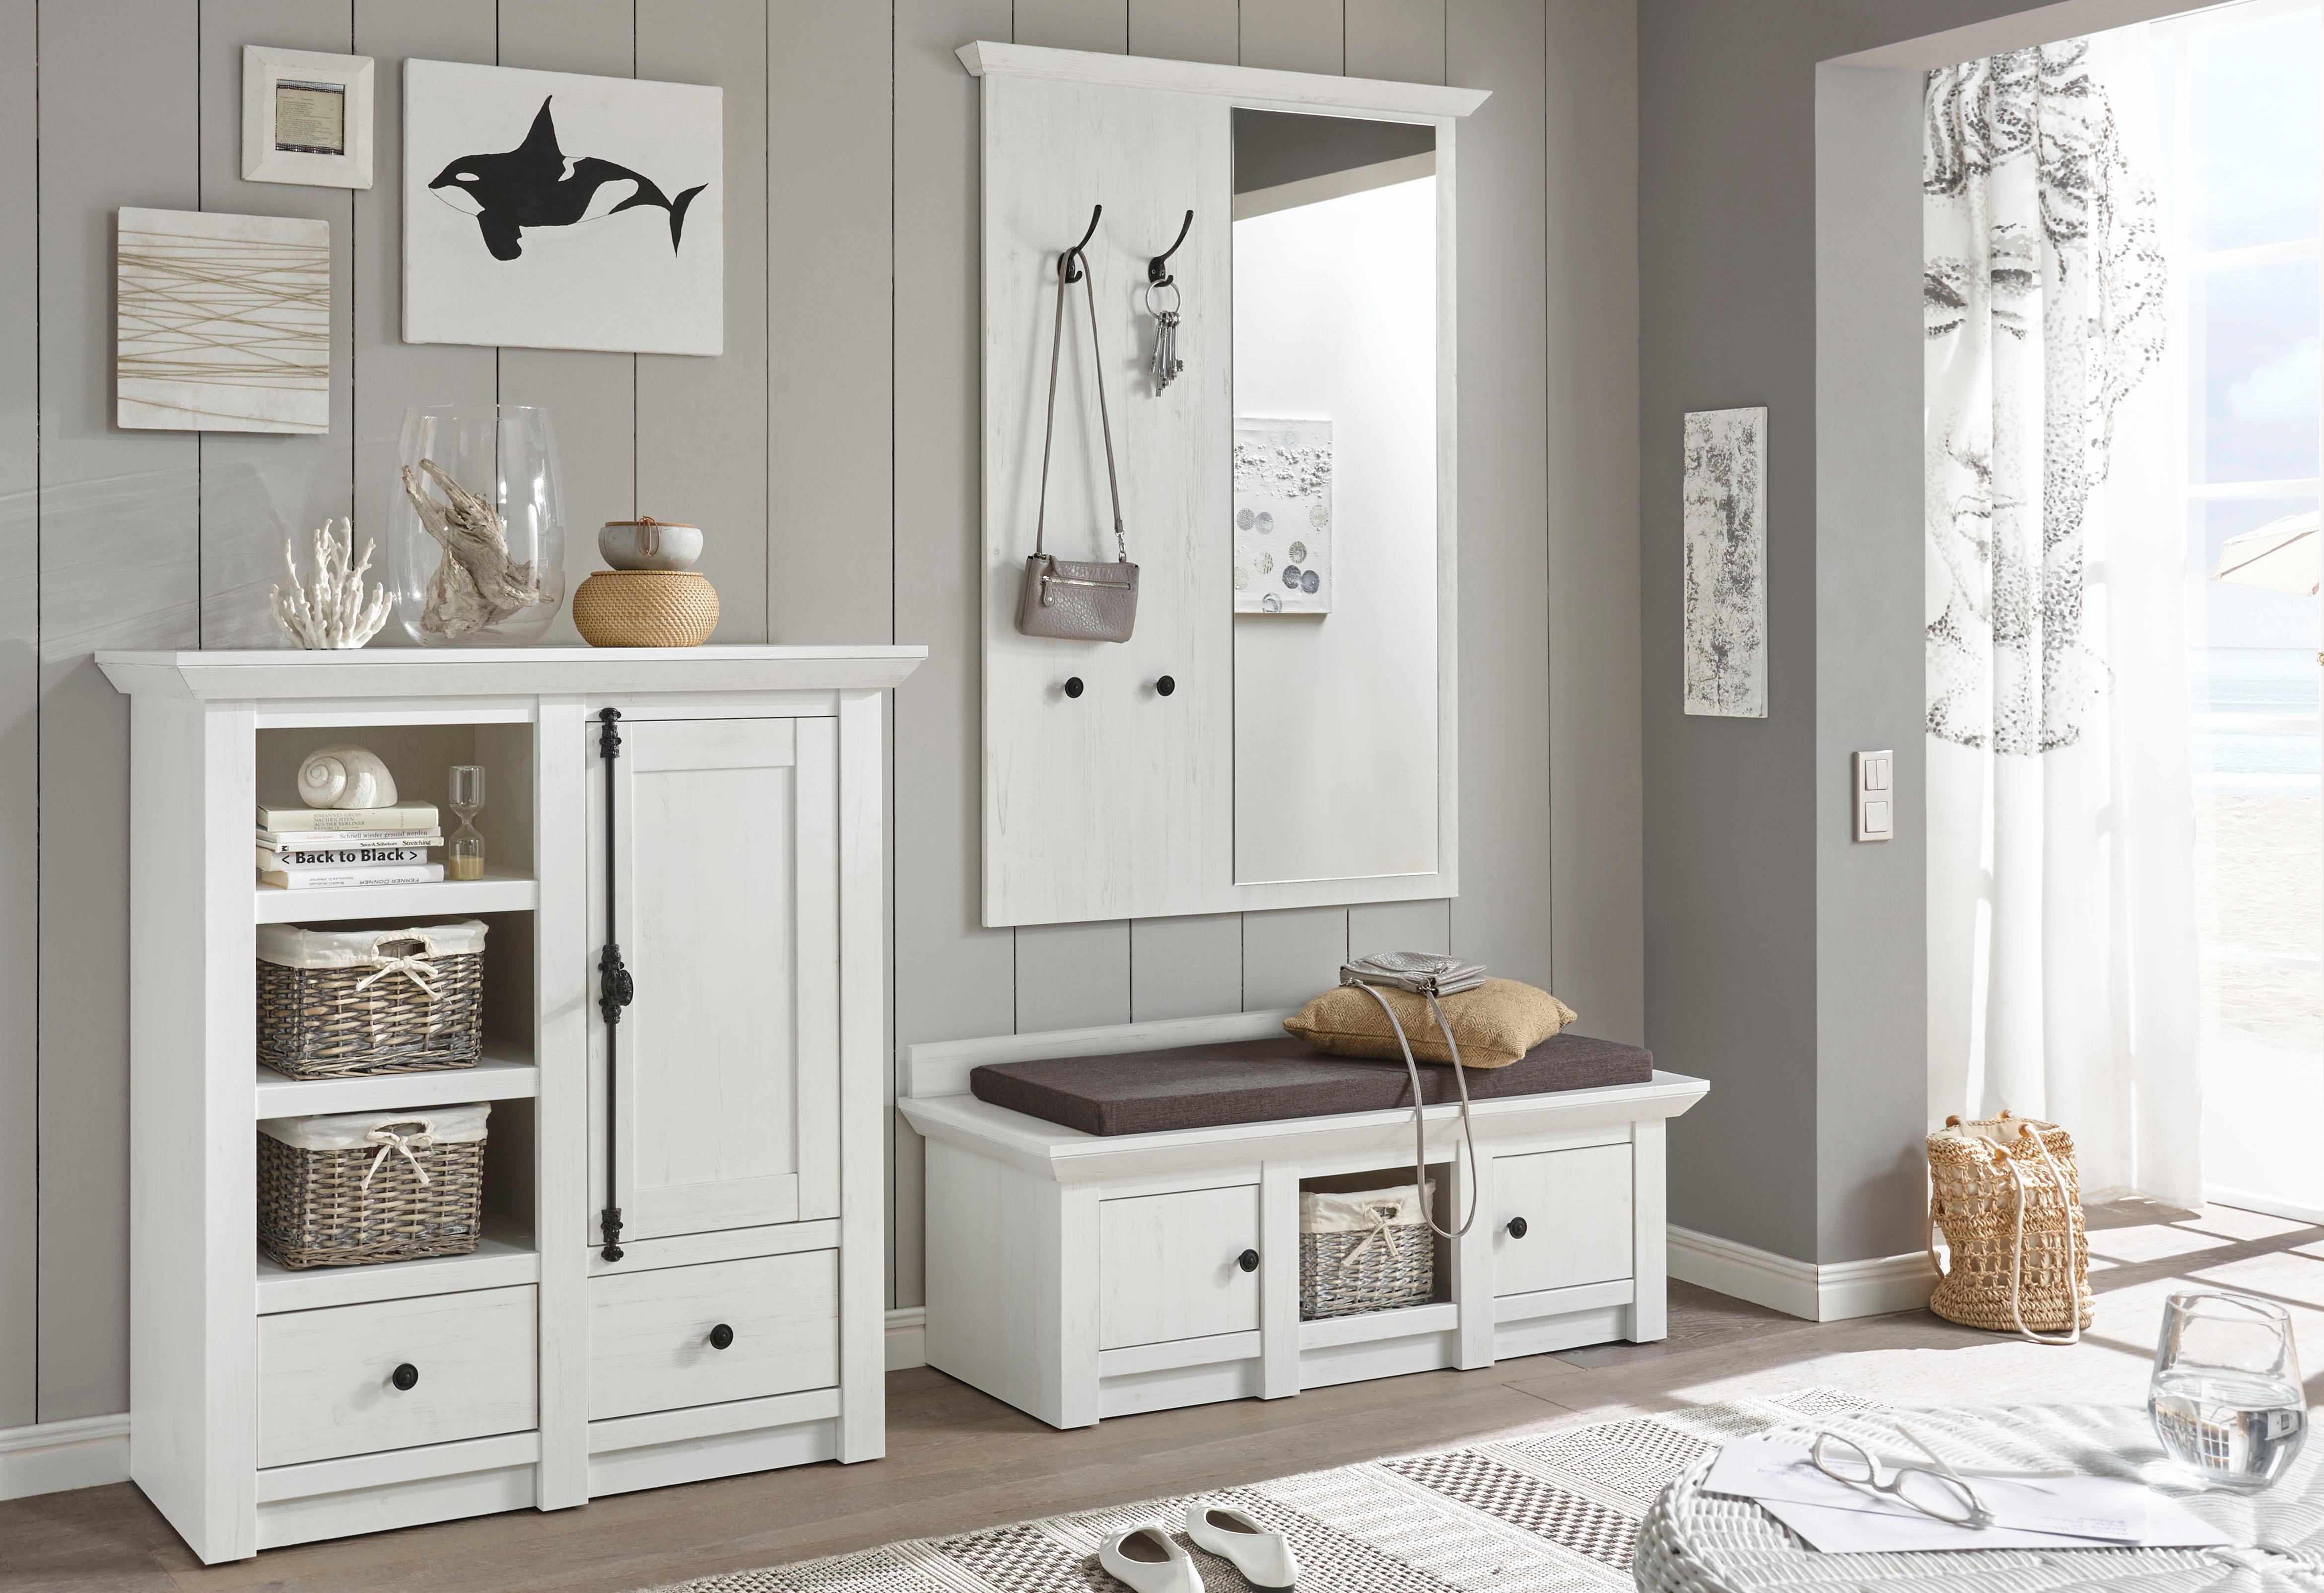 garderobe paneel preisvergleich die besten angebote online kaufen. Black Bedroom Furniture Sets. Home Design Ideas